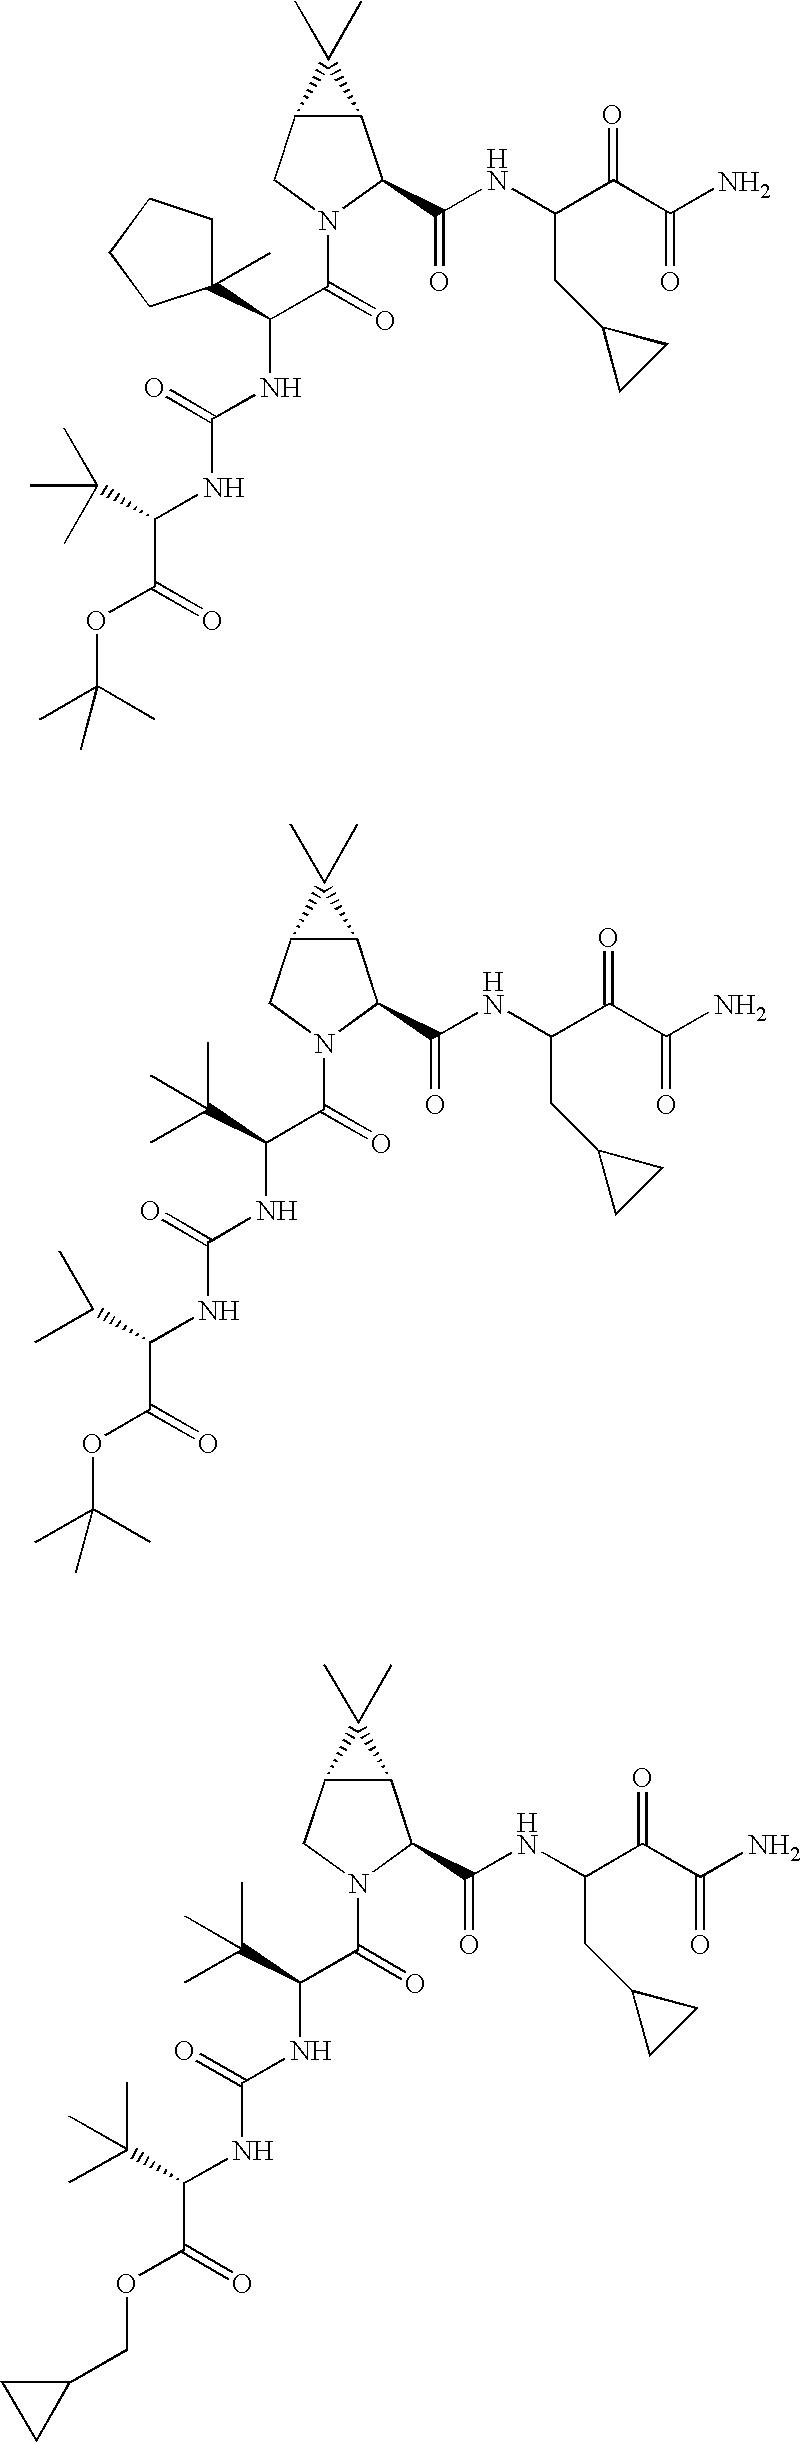 Figure US20060287248A1-20061221-C00242